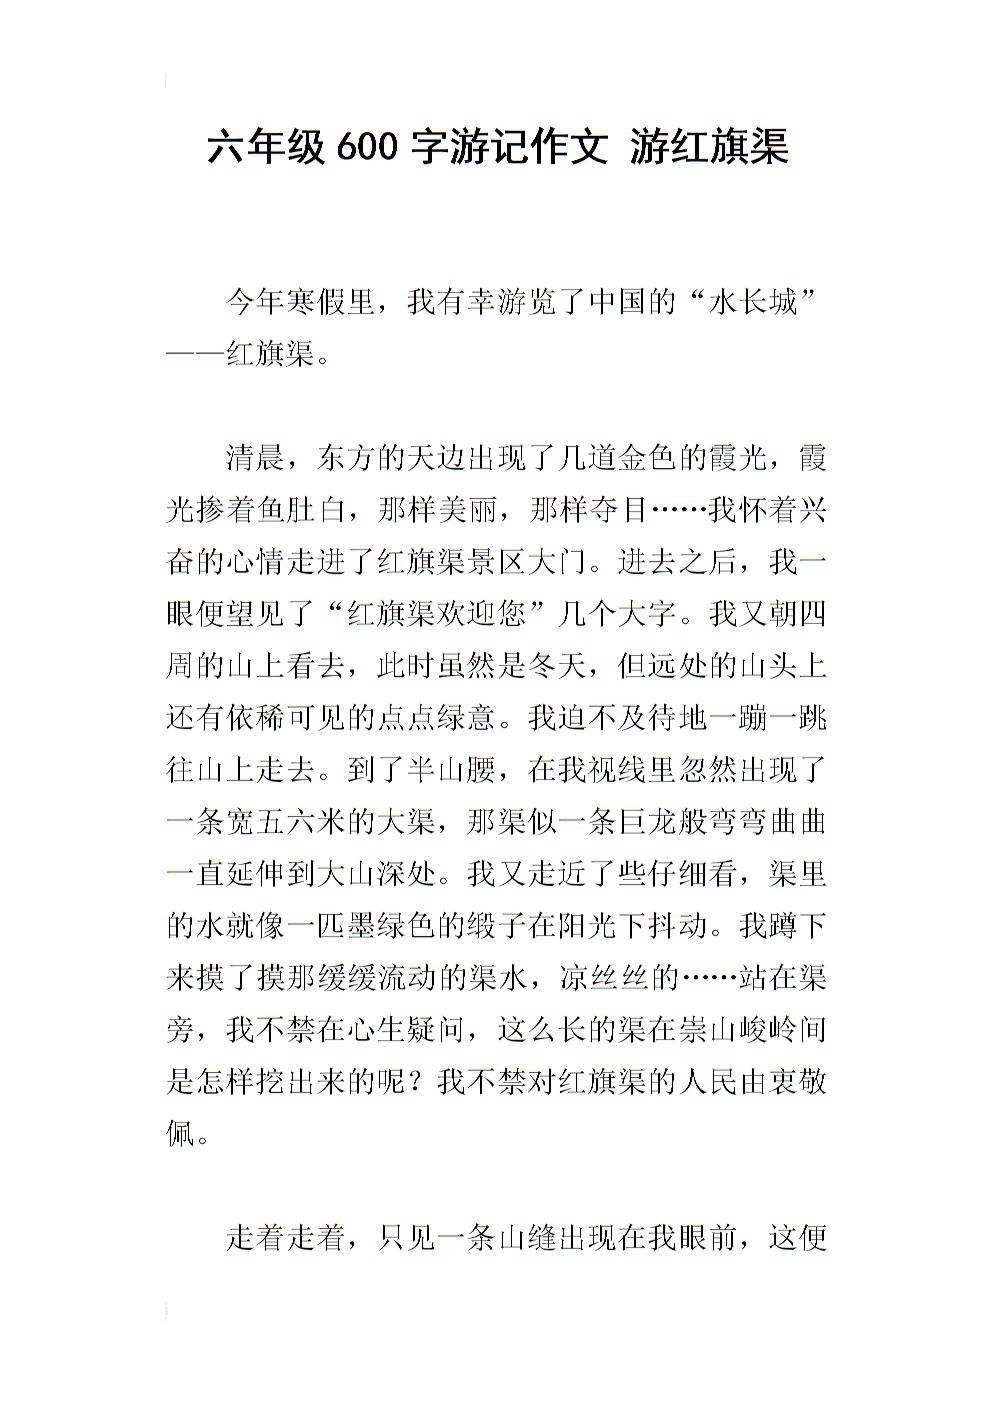 六年级600字游记作文 游红旗渠.docx